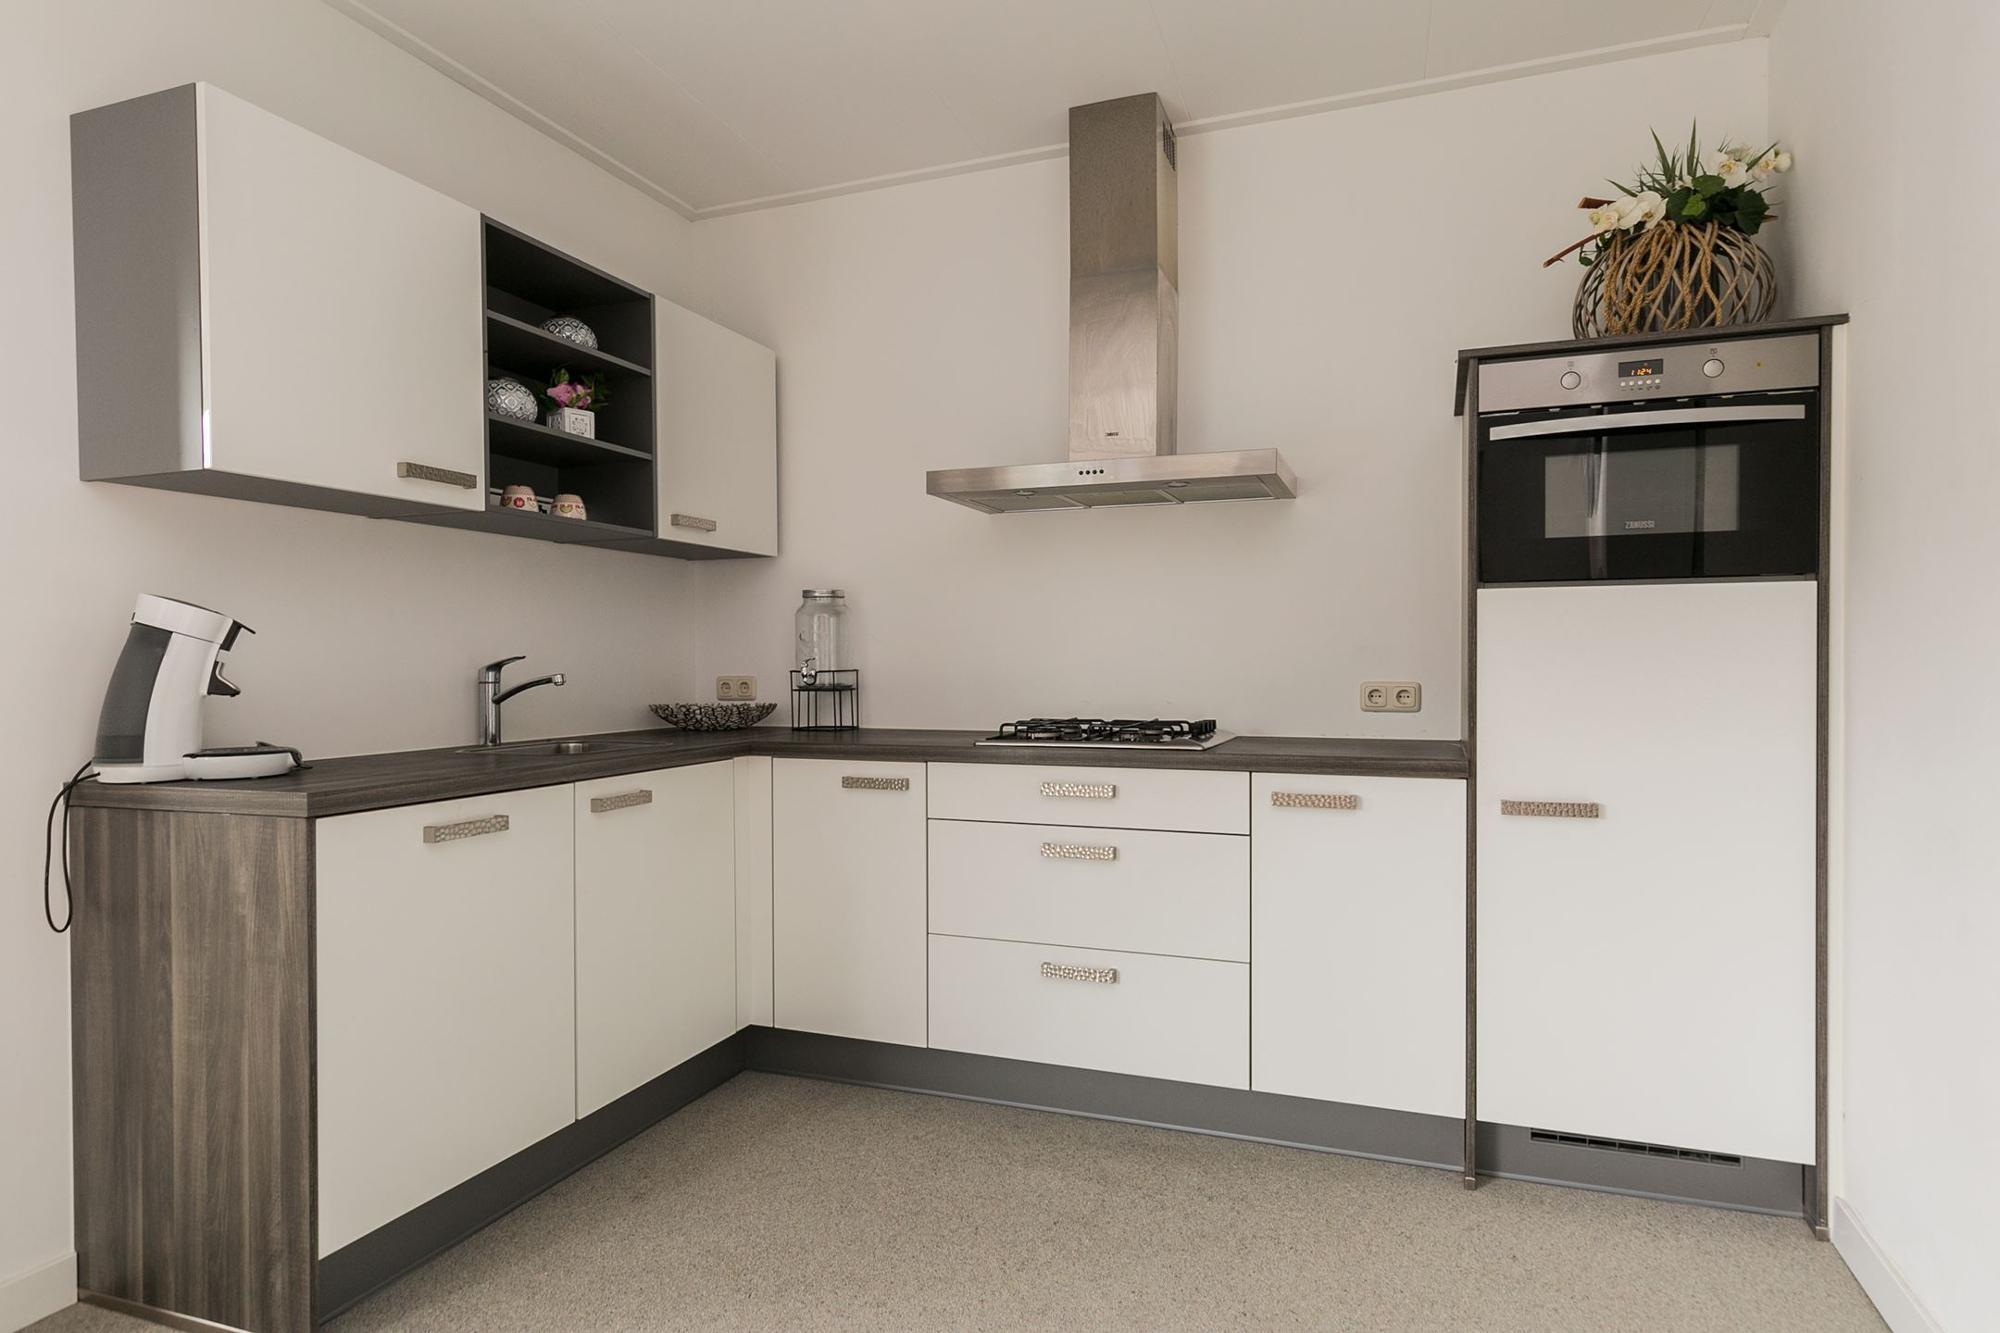 L Shapes Modular Wood Kitchen Cabinet Design For Small Kitchen Buy Modular Small Wood Kitchen Cabinet Design Small Kitchen Kitchen Cabinet Design